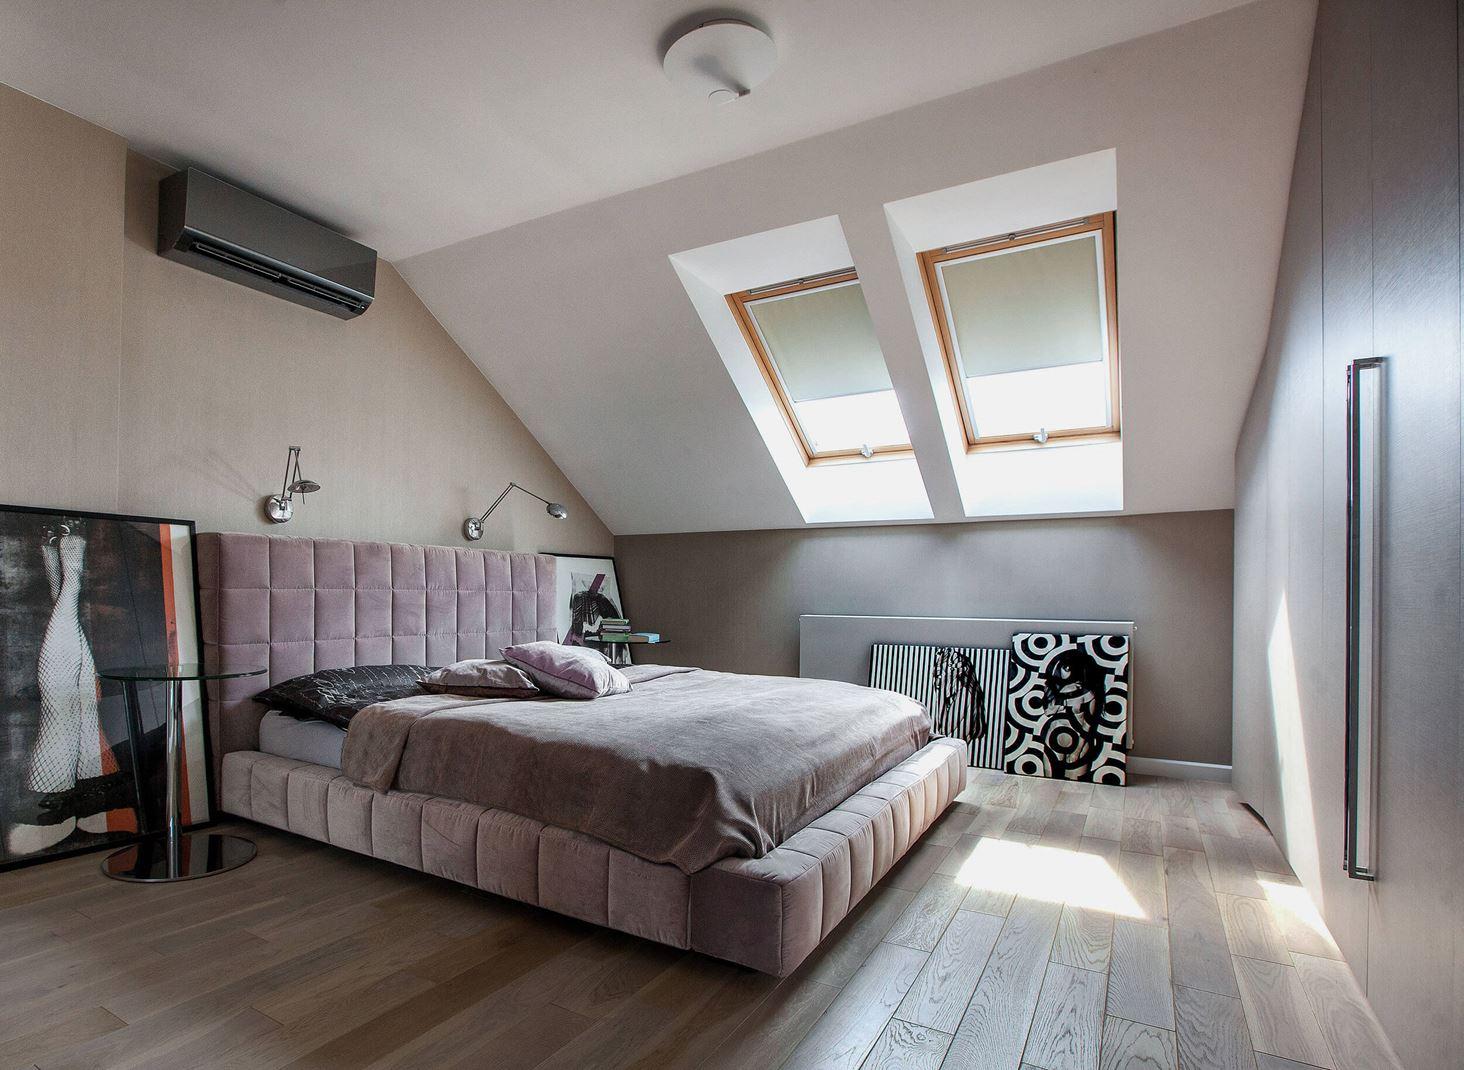 Una villa con camera da letto in mansarda - Camera da letto in mansarda ...